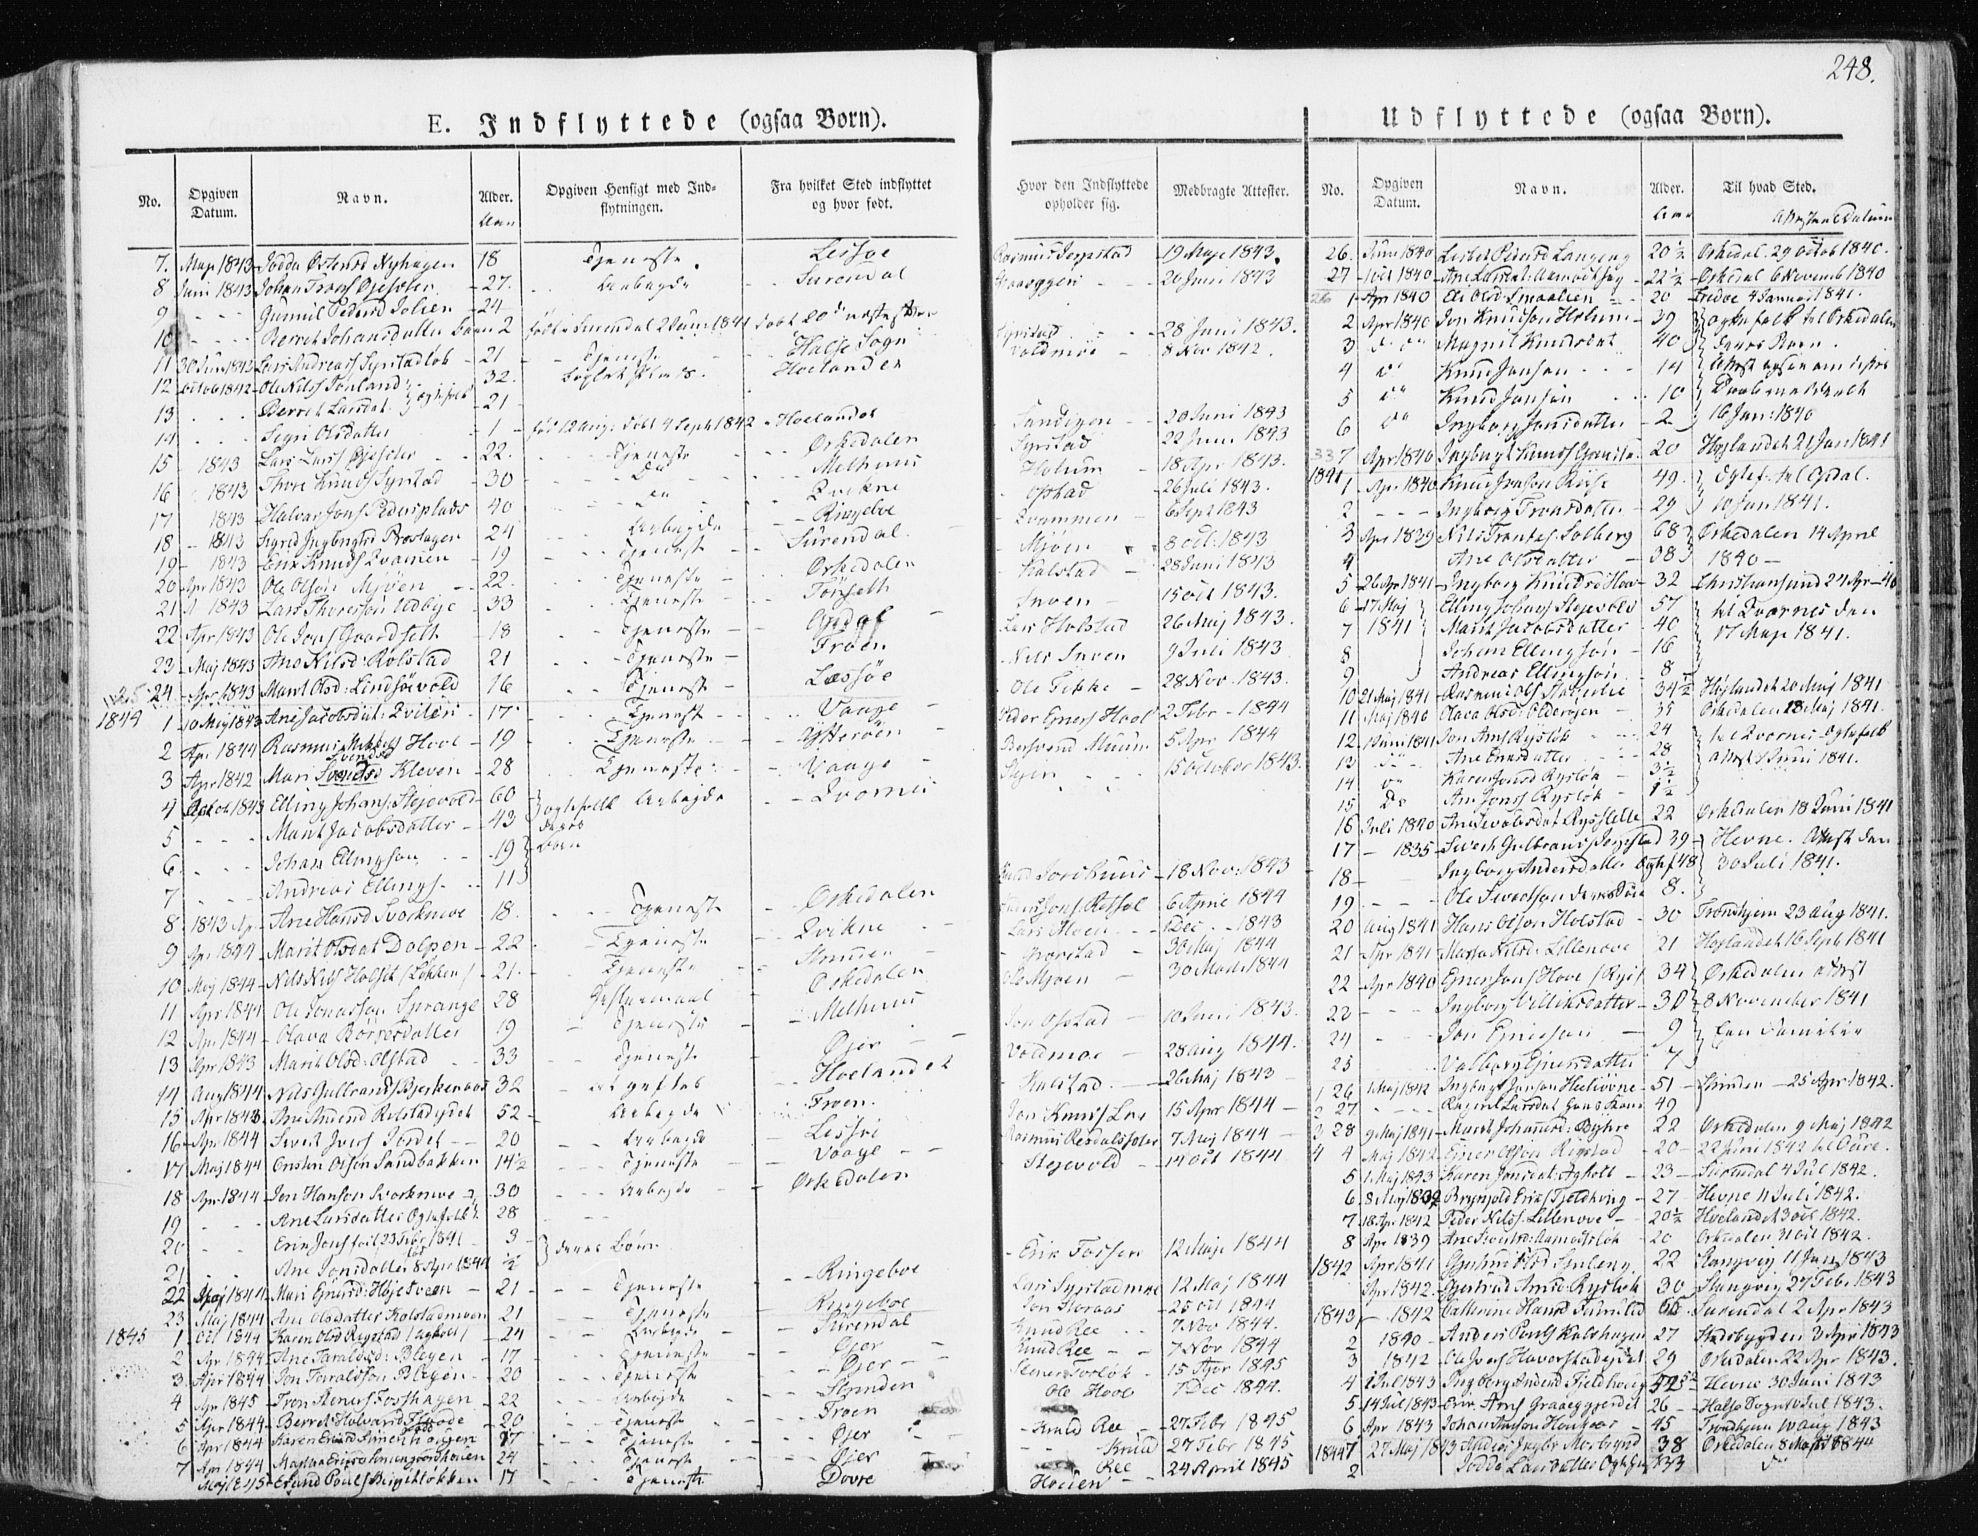 SAT, Ministerialprotokoller, klokkerbøker og fødselsregistre - Sør-Trøndelag, 672/L0855: Ministerialbok nr. 672A07, 1829-1860, s. 248